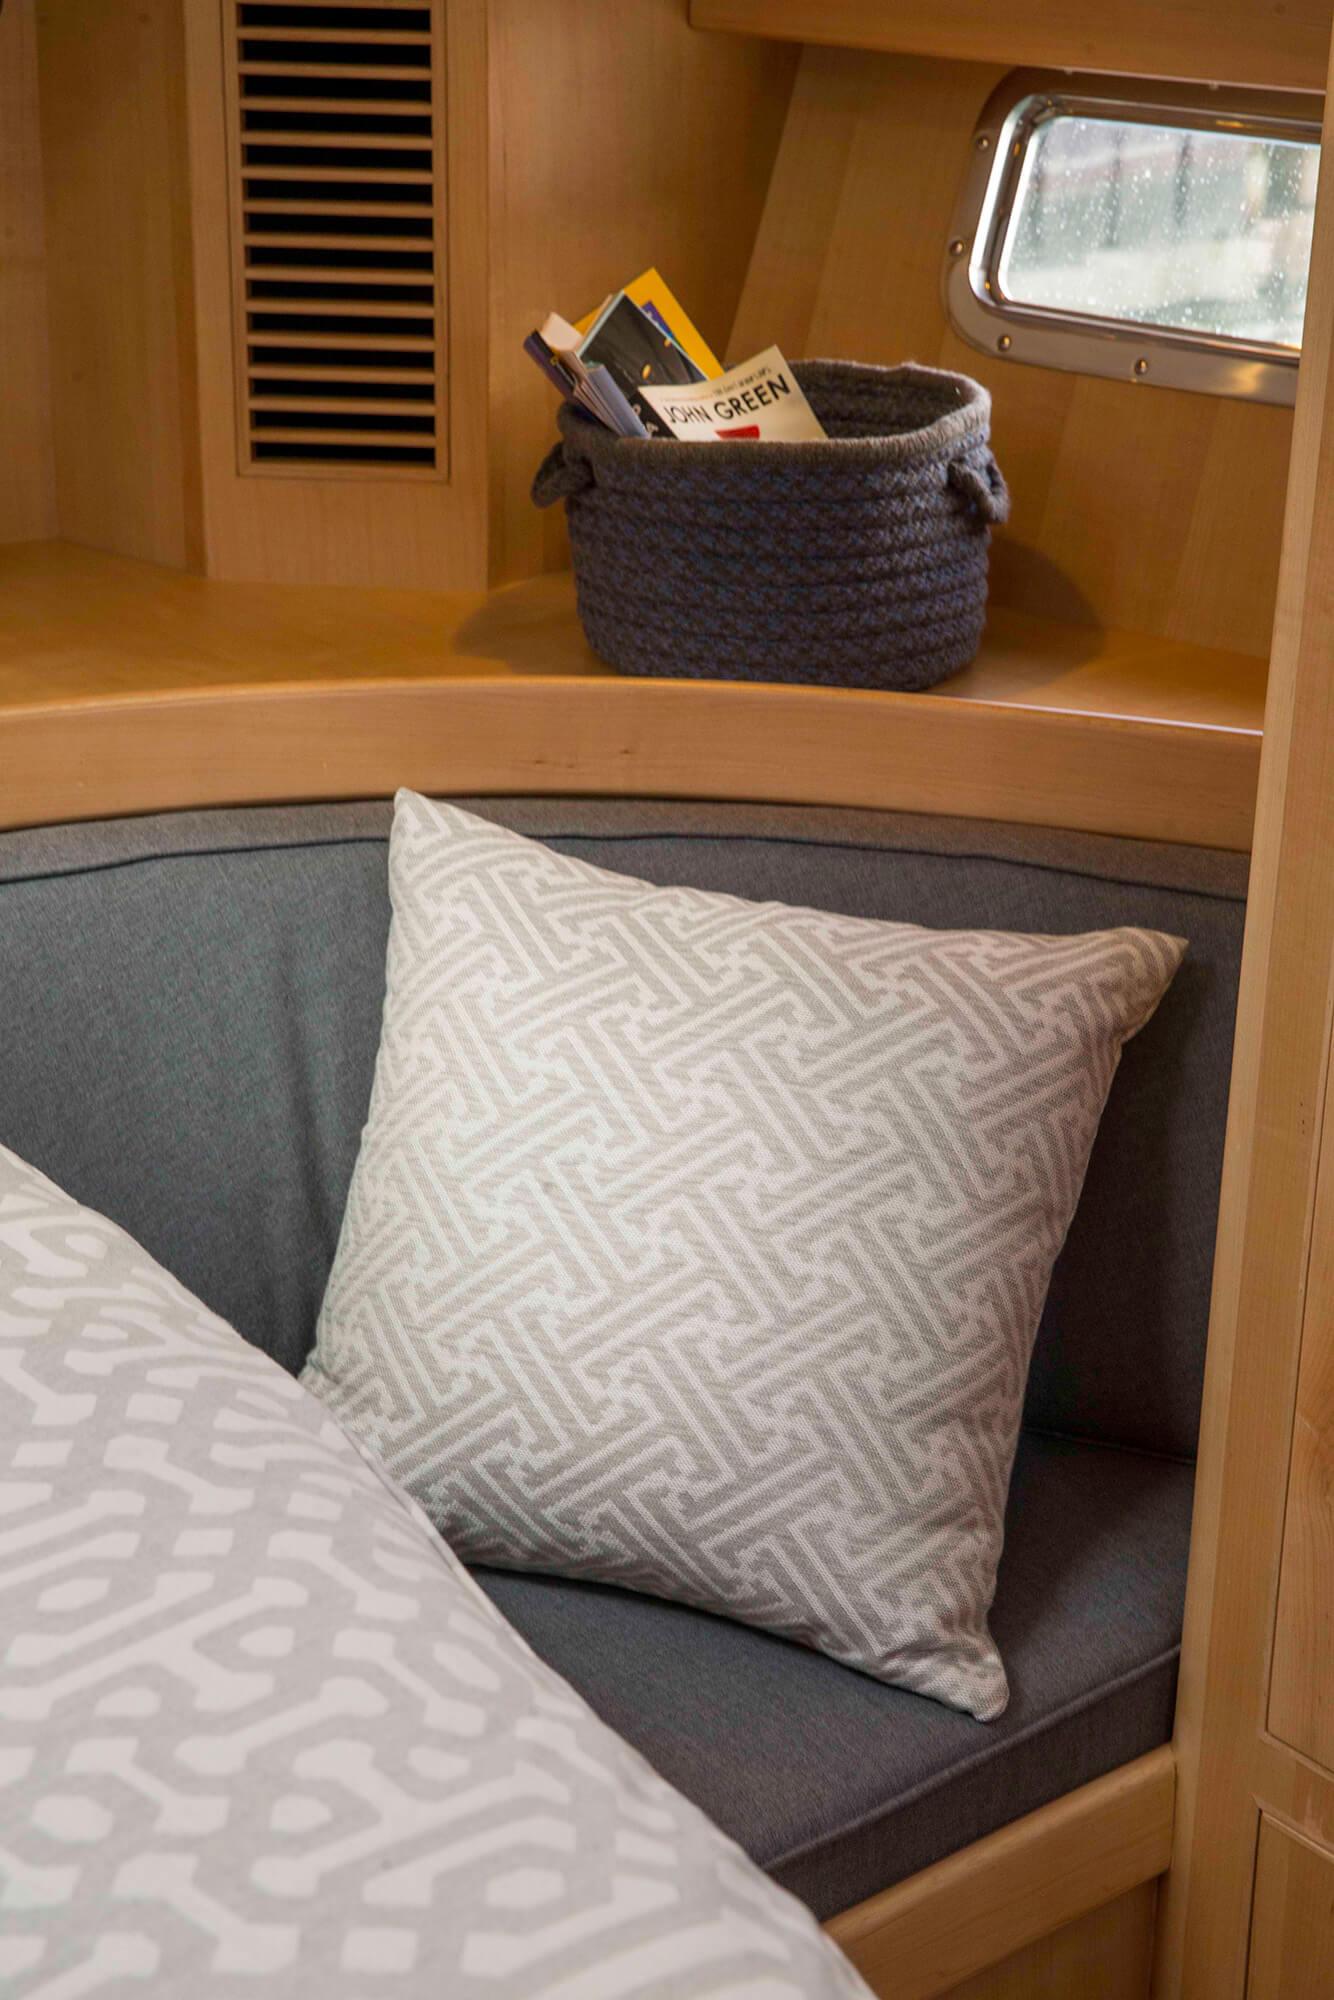 Yelkenlinin kamarasında bir minder üzerinde gri paternli yastık